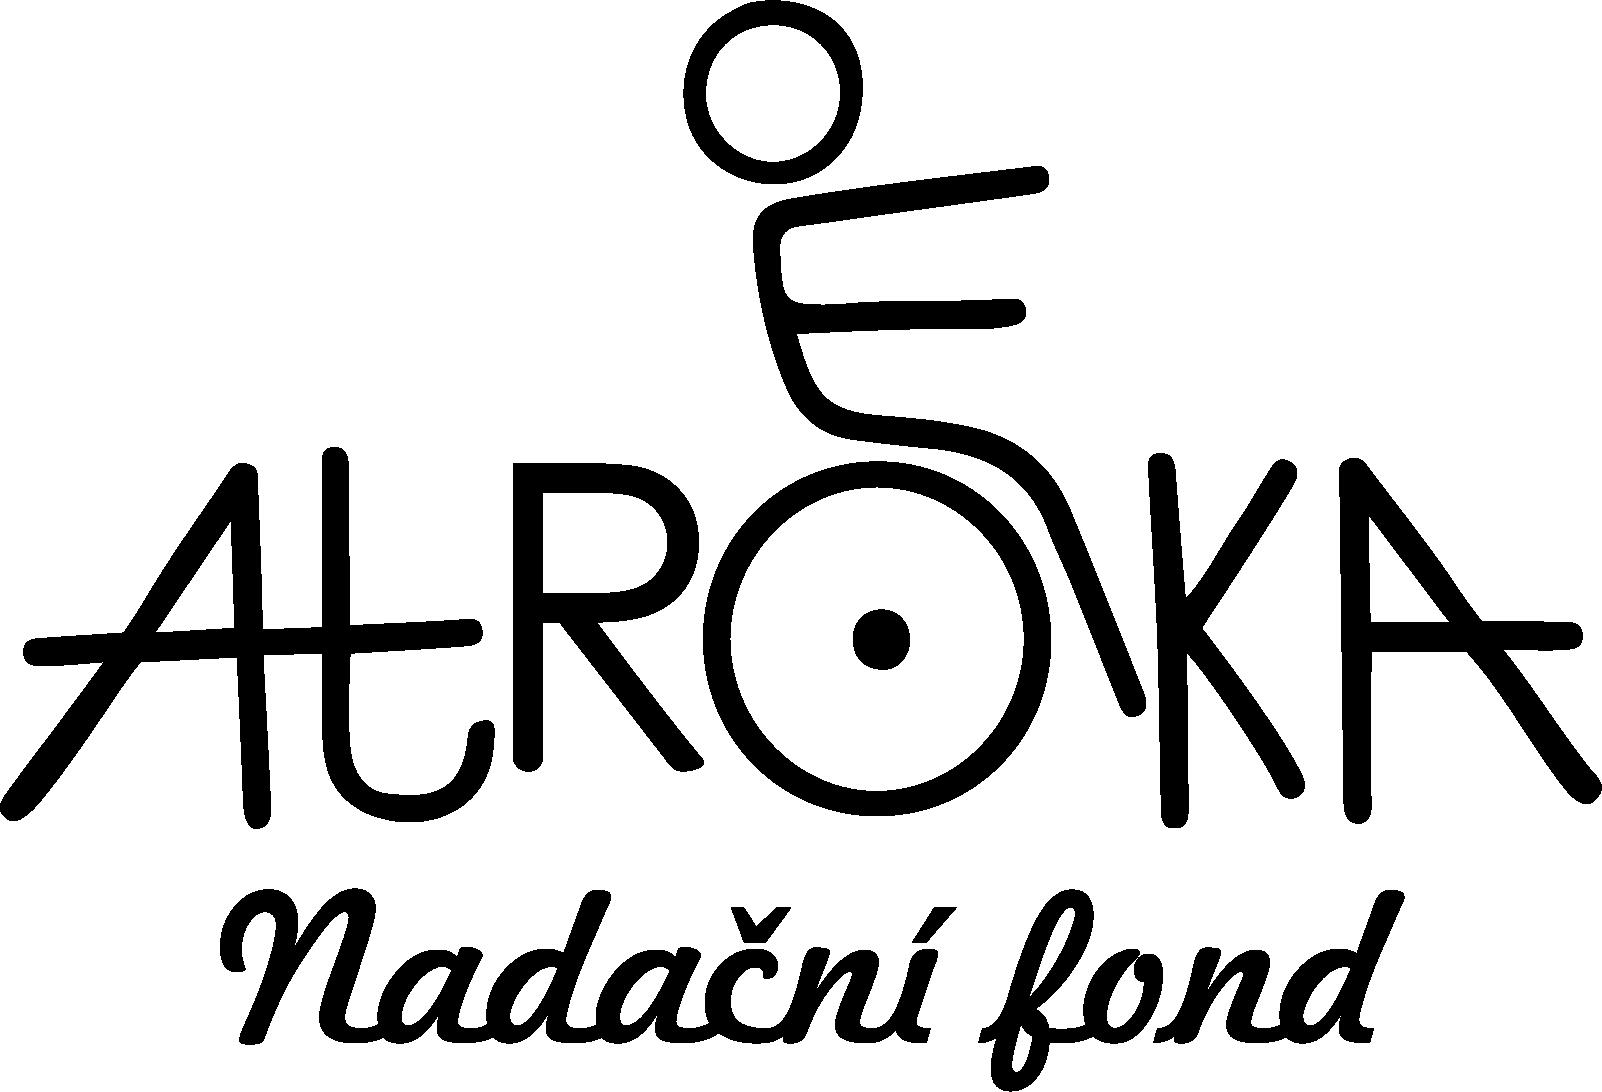 Atrofka